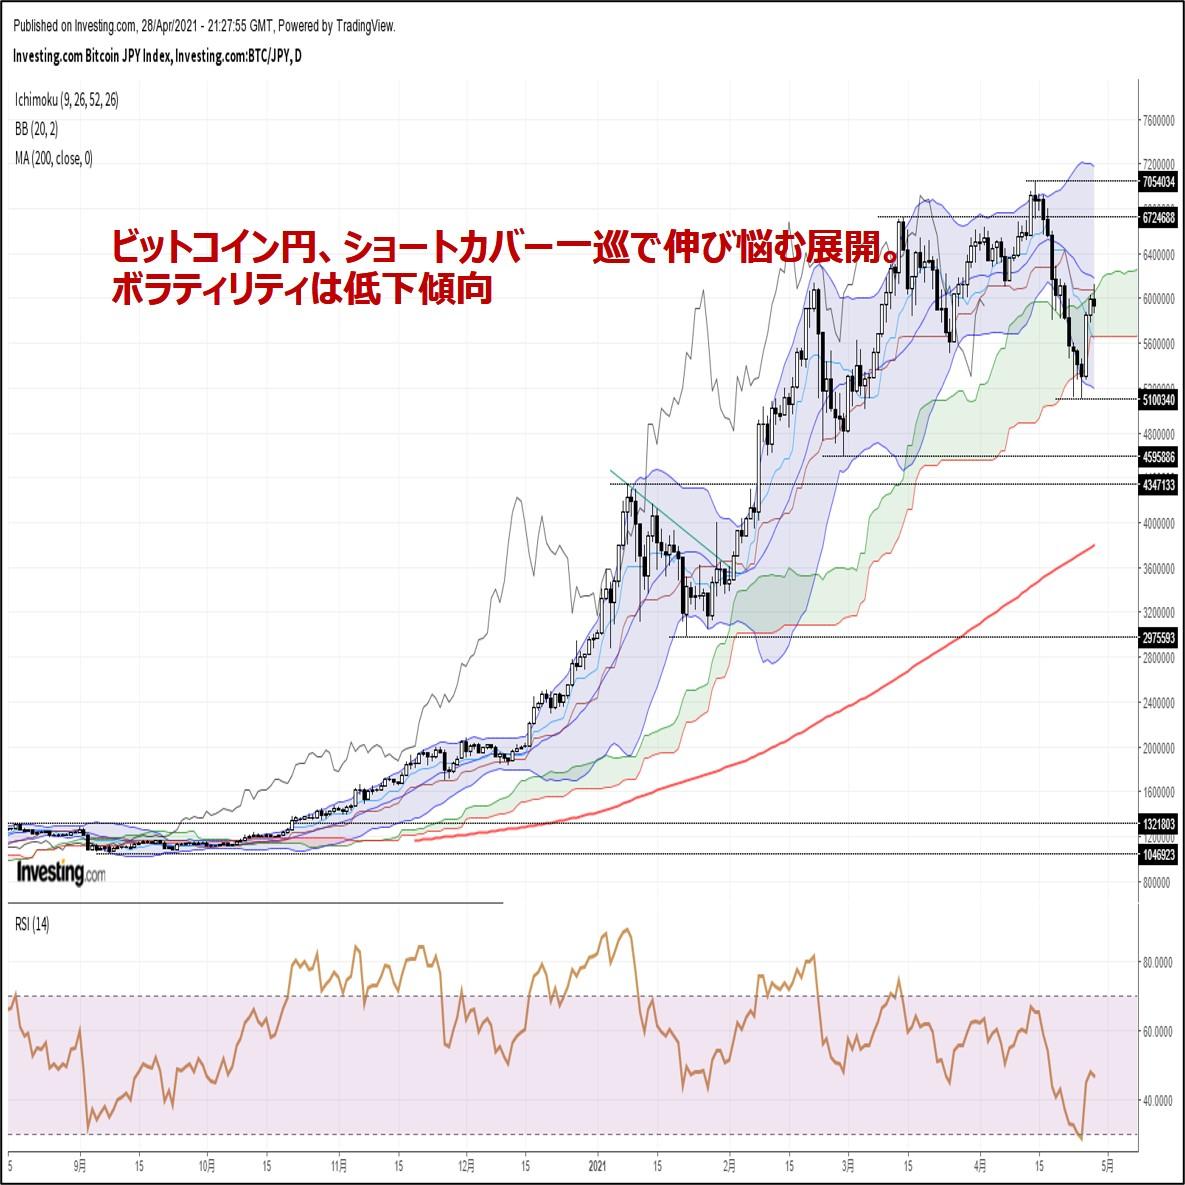 ビットコイン円、ショートカバー一巡で伸び悩む展開。下落リスクに要警戒